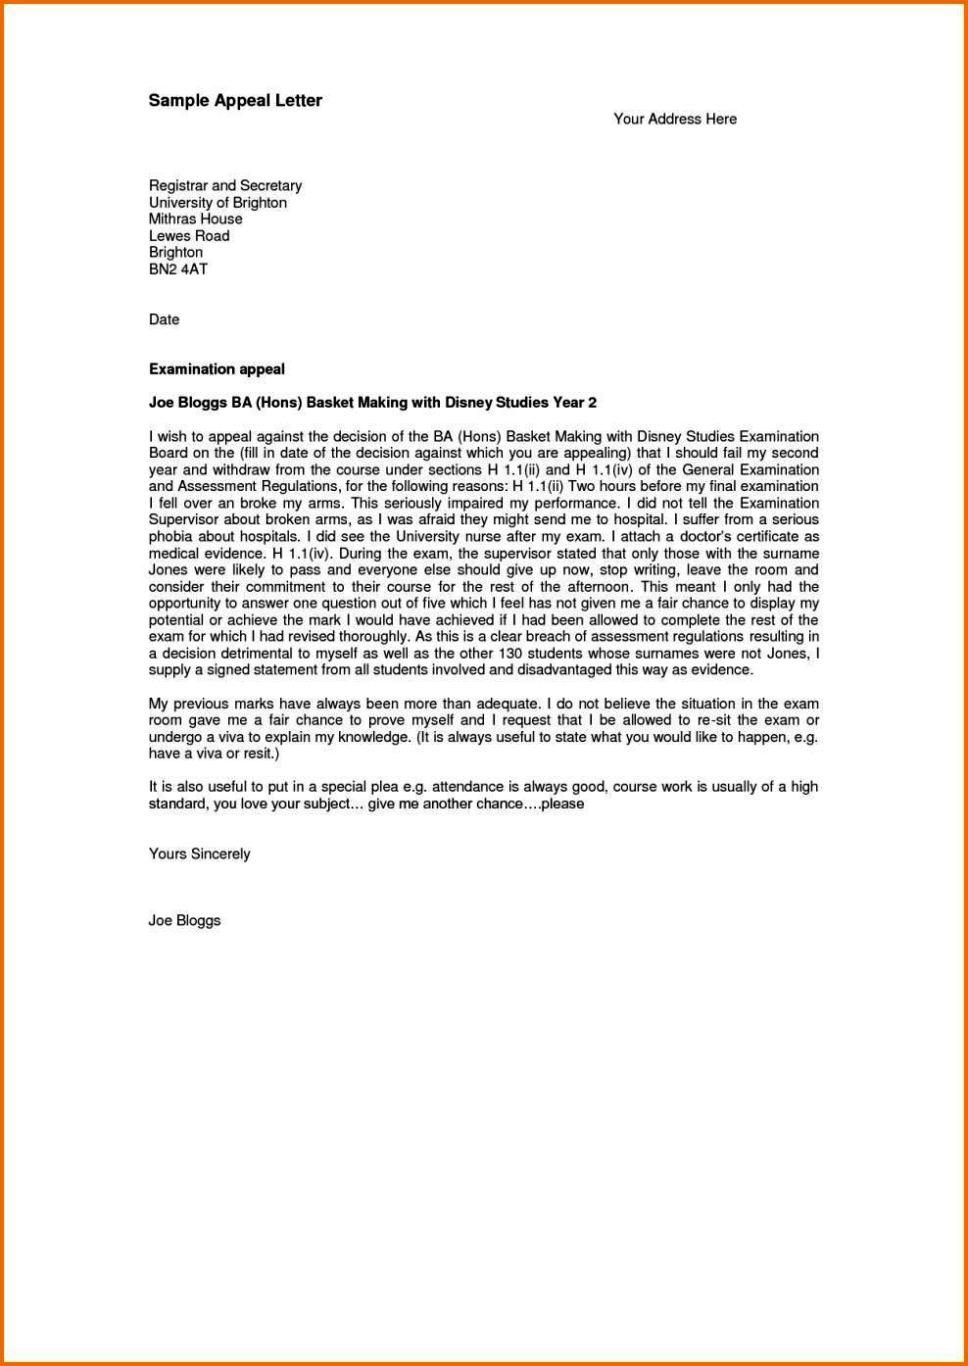 attendance appeal letter - sampletemplatess